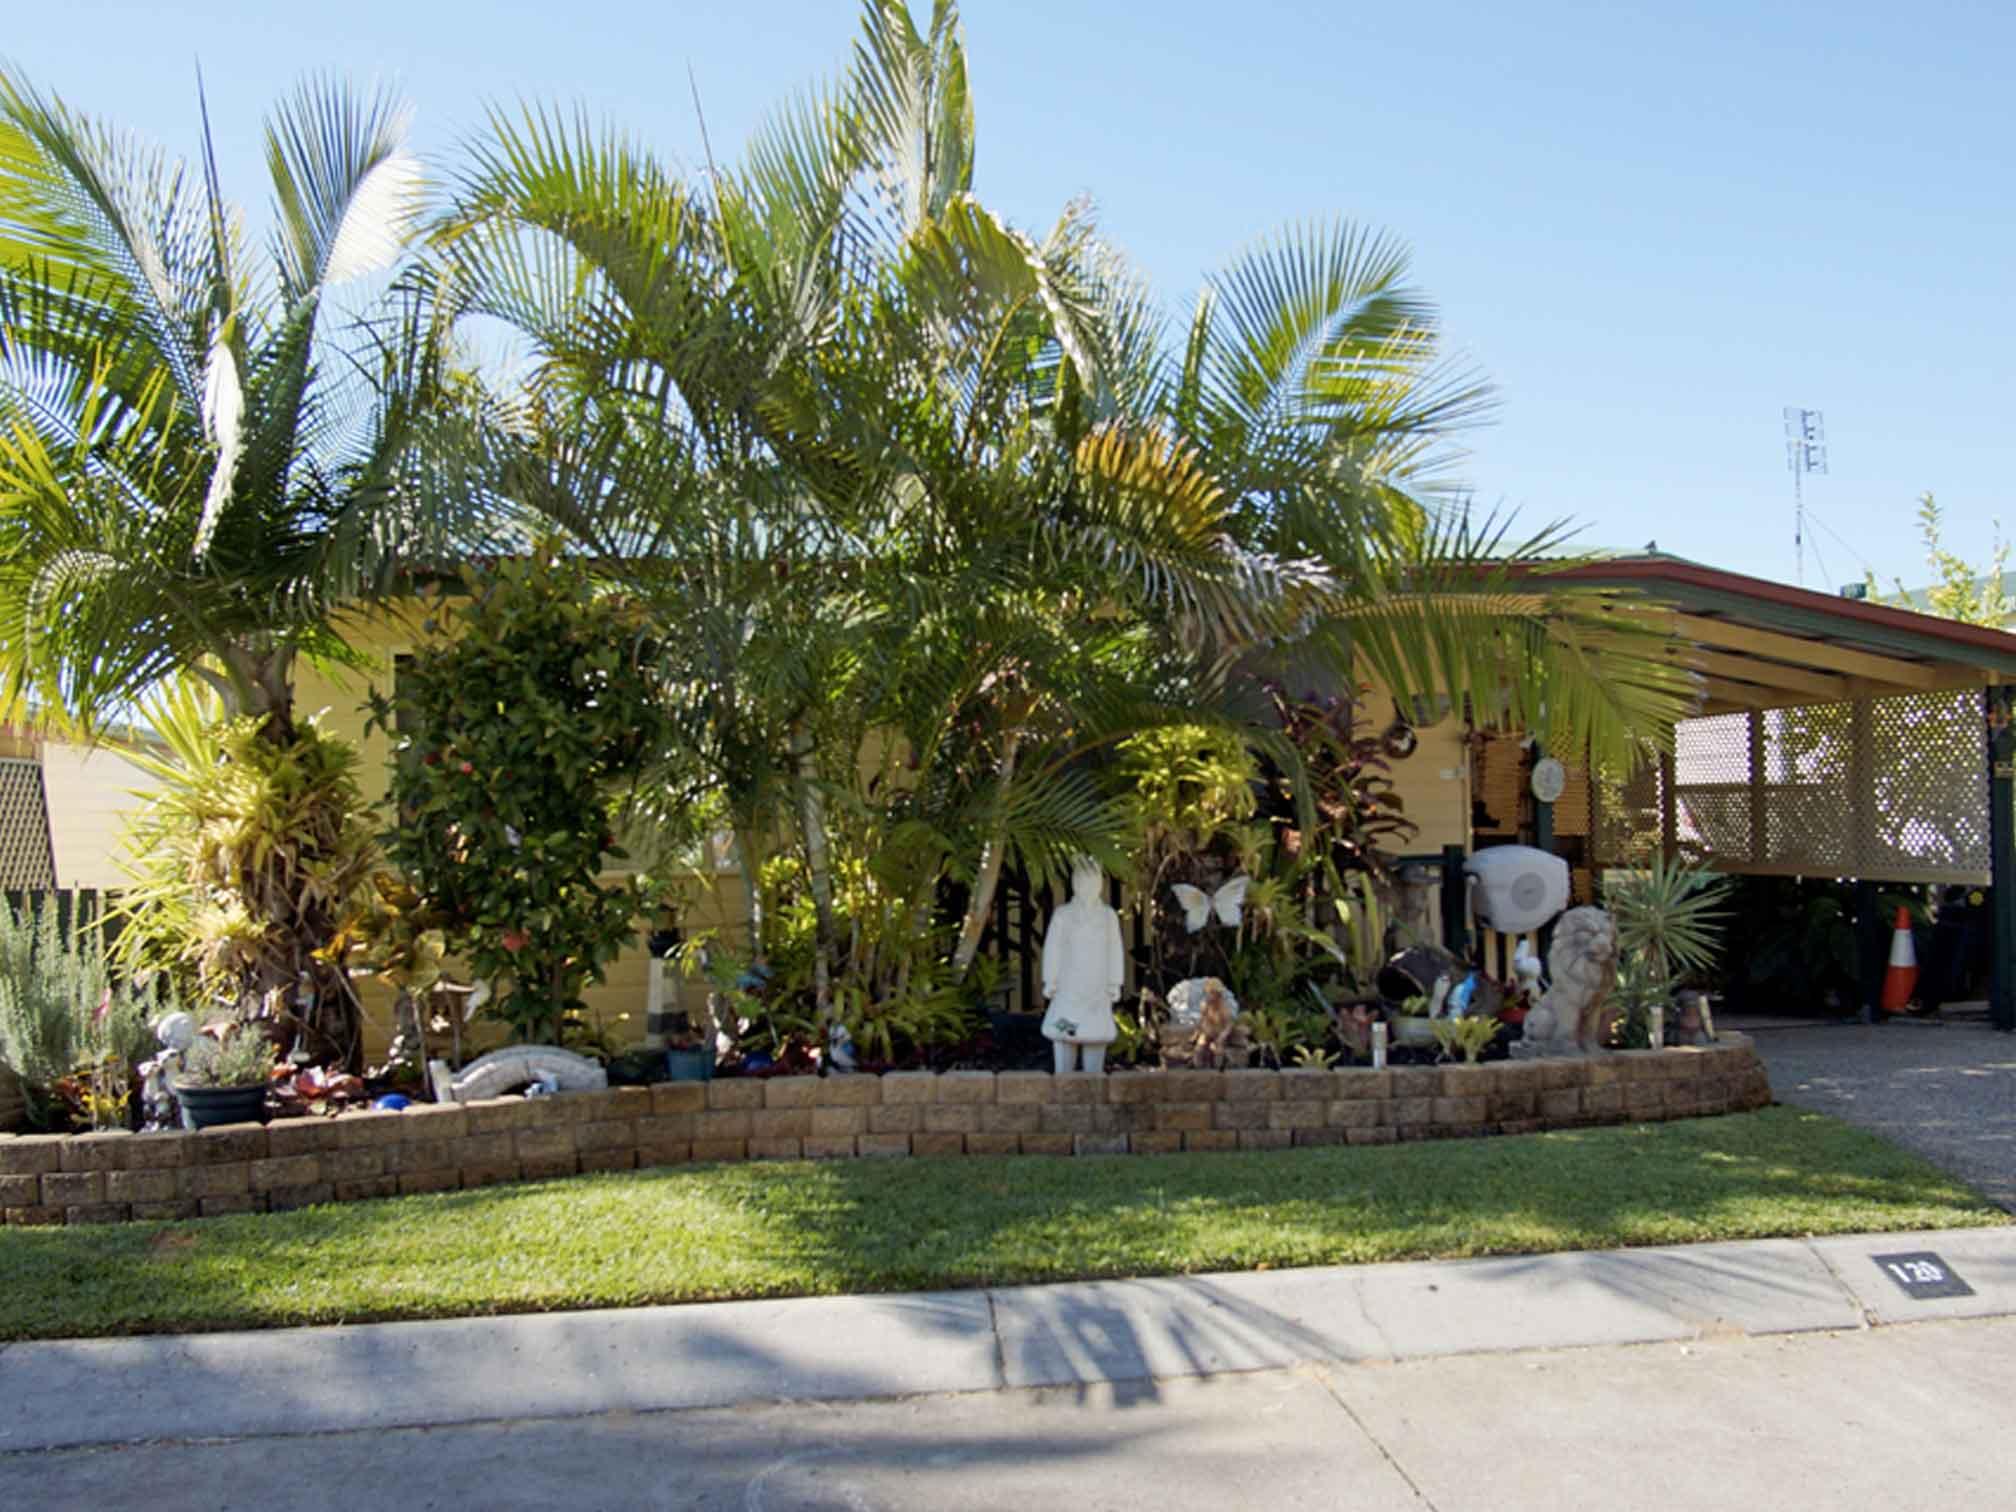 120 heritage home kookaburra village